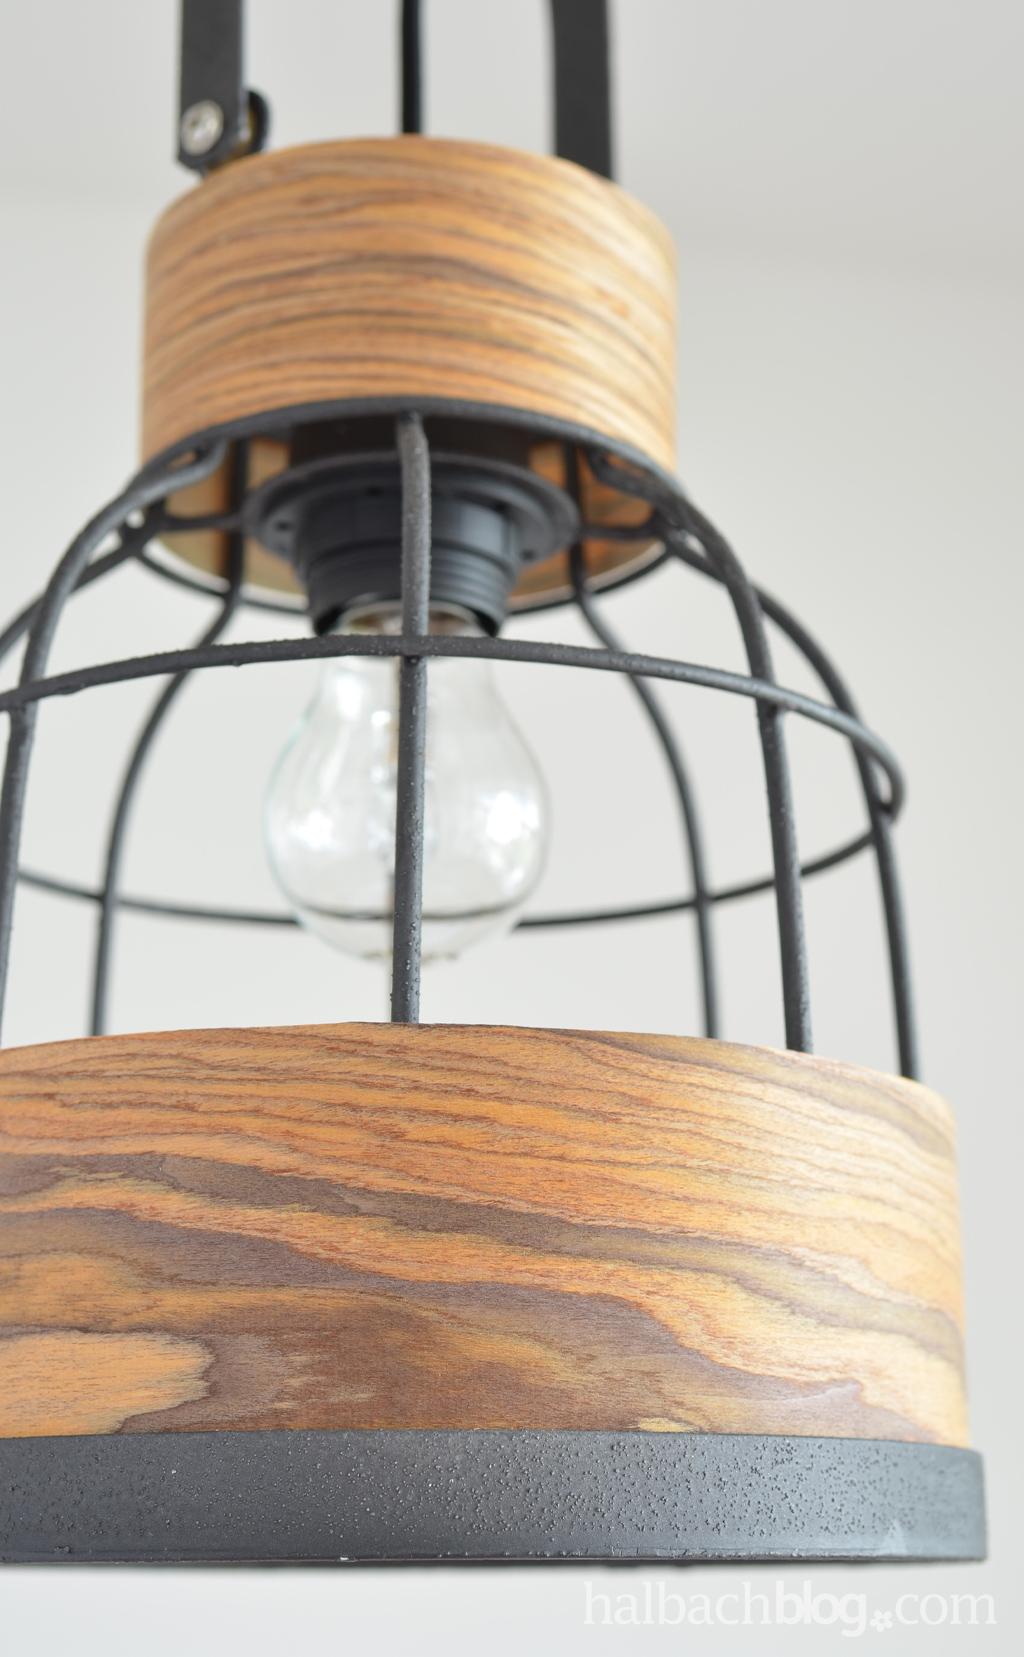 DIY-Idee halbachblog: Metall-Lampe gestalten mit strukturiertem Holzfurnier-Stoff in Braun